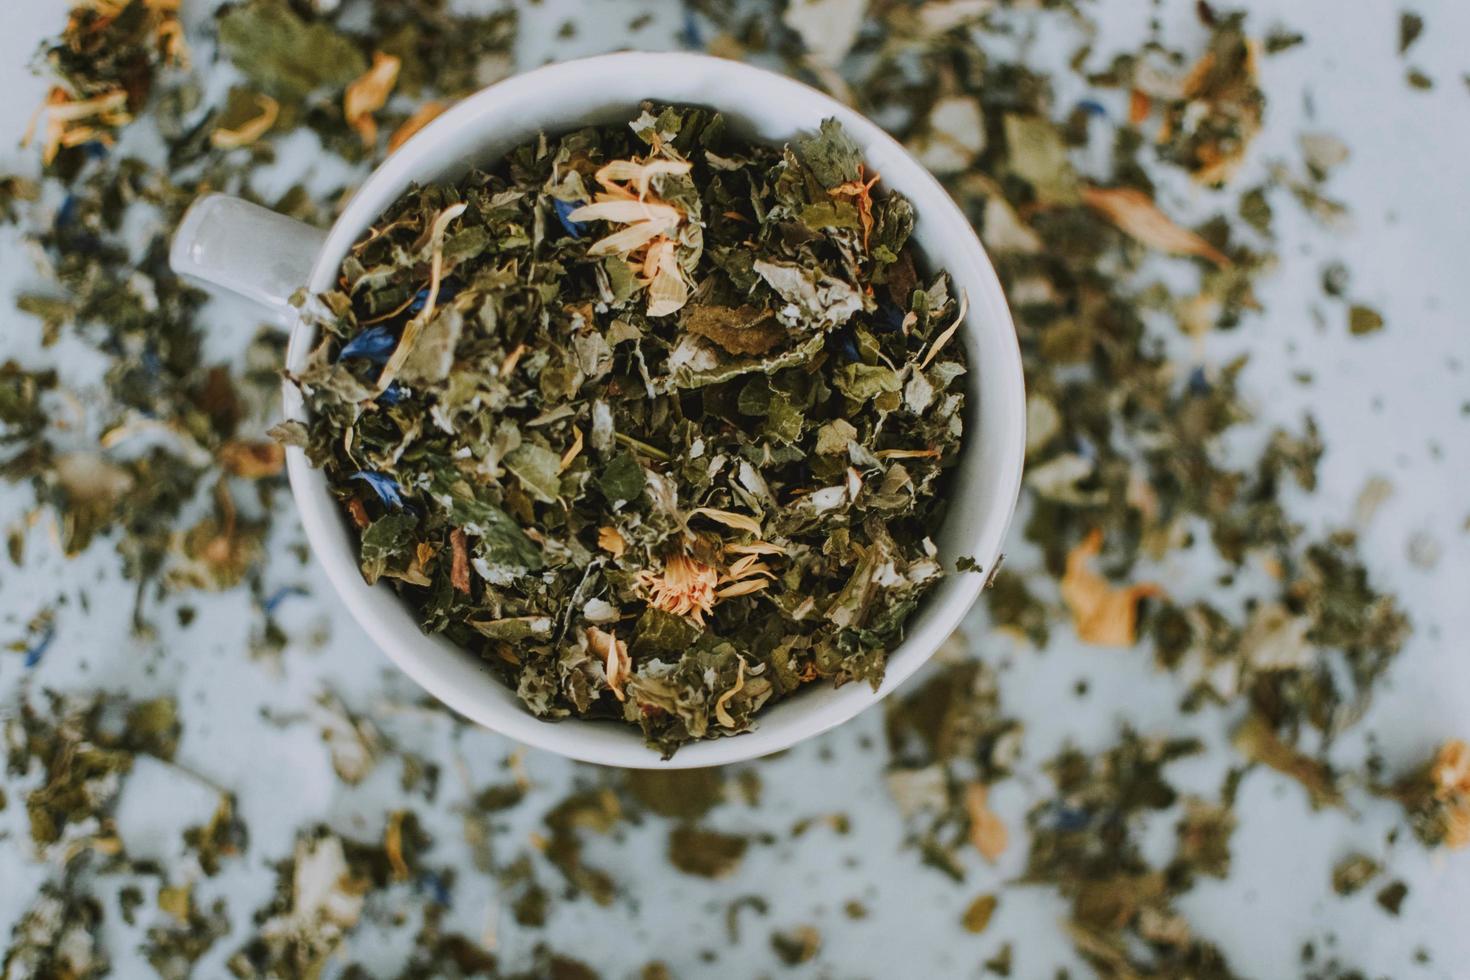 Mug full of dried herbs photo